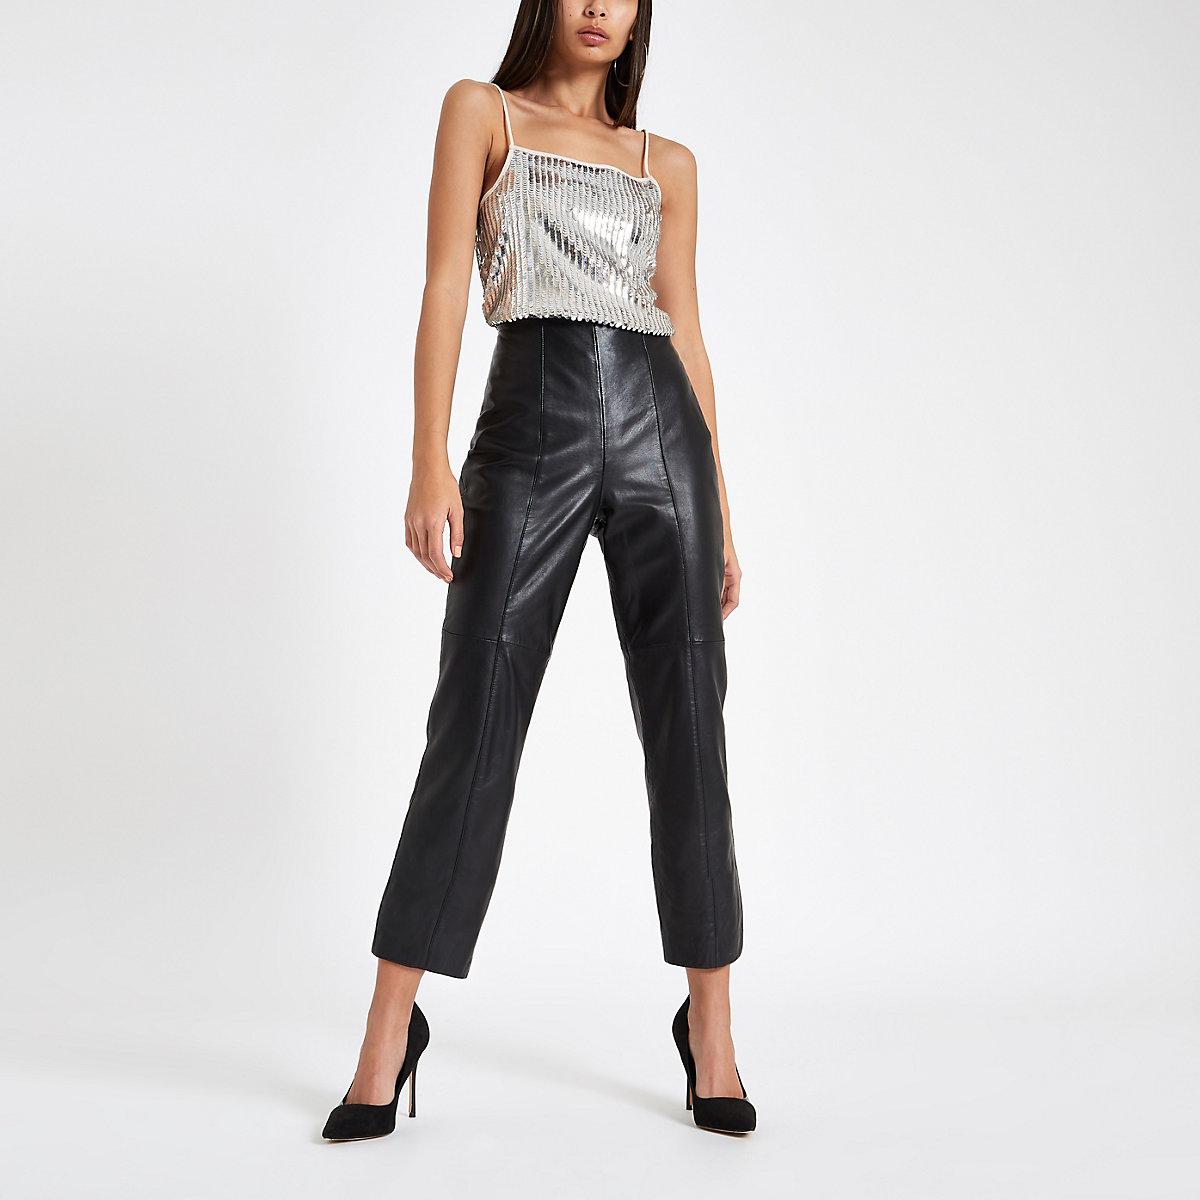 Silver sequin cami top - Cami / Sleeveless Tops - Tops - women